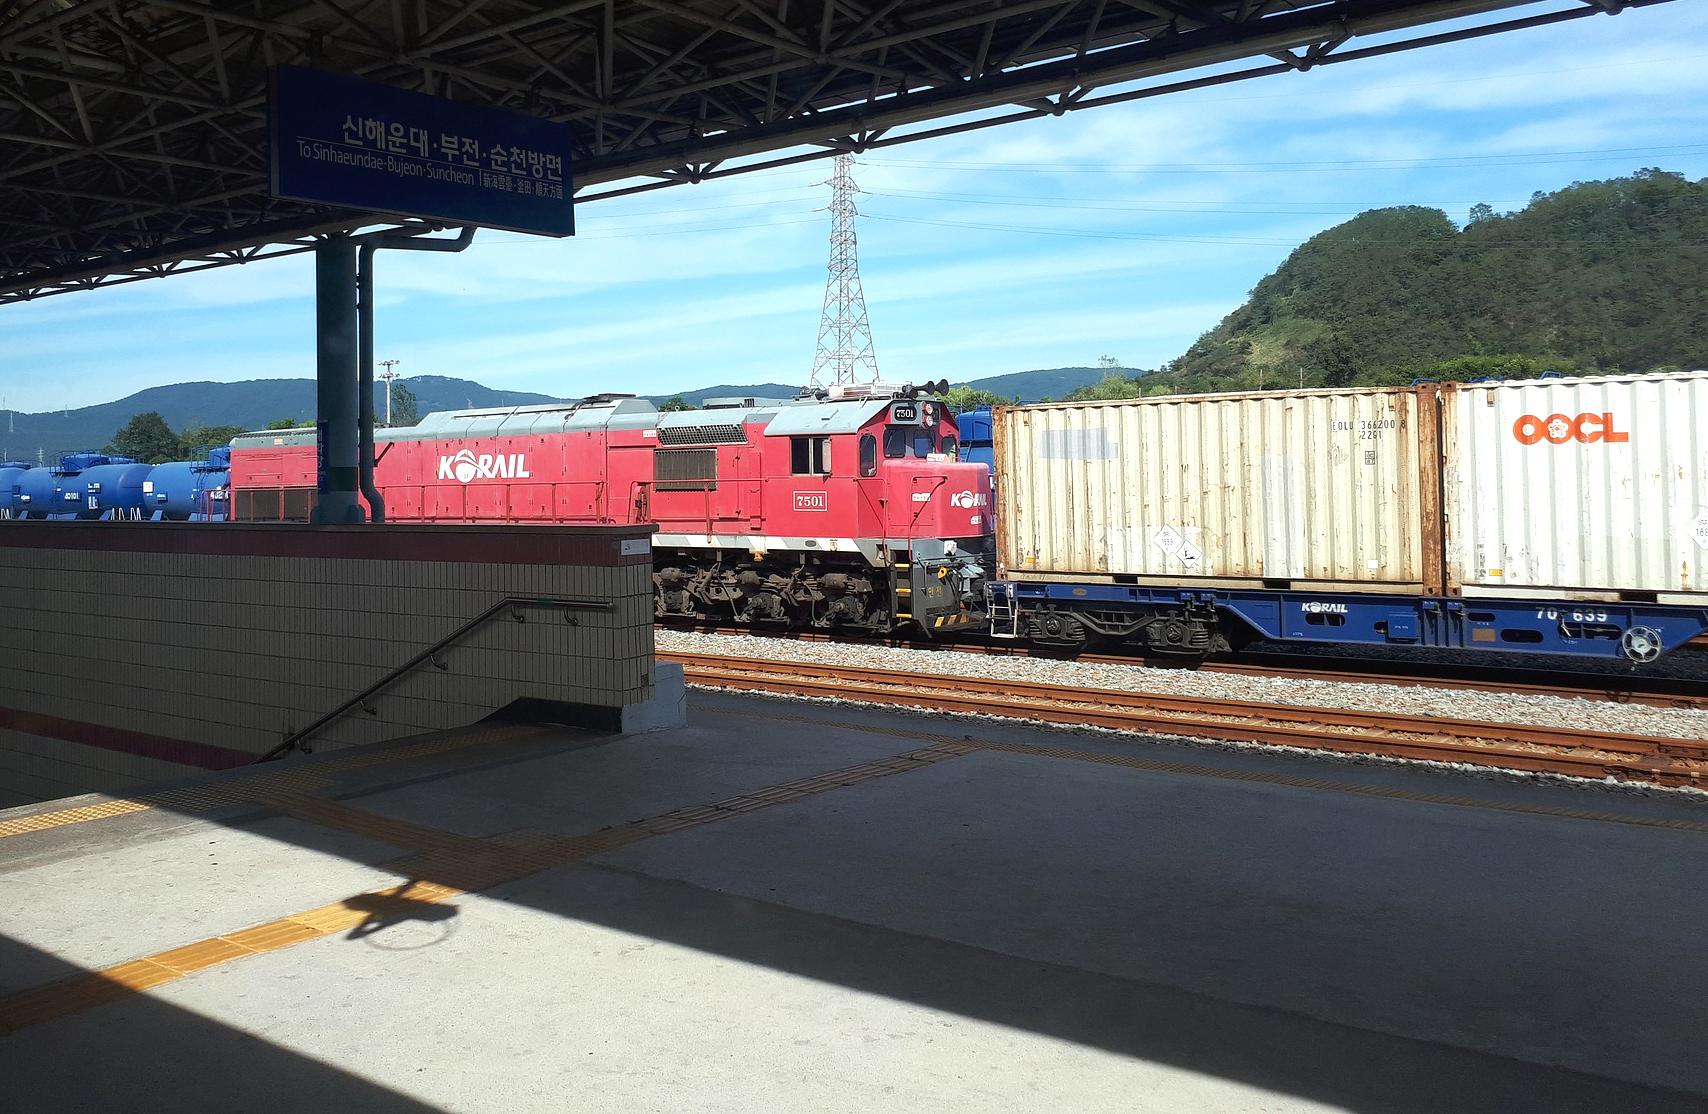 Chińskie pociągi zaczynają omijać Polskę. Ekspert wylicza powody